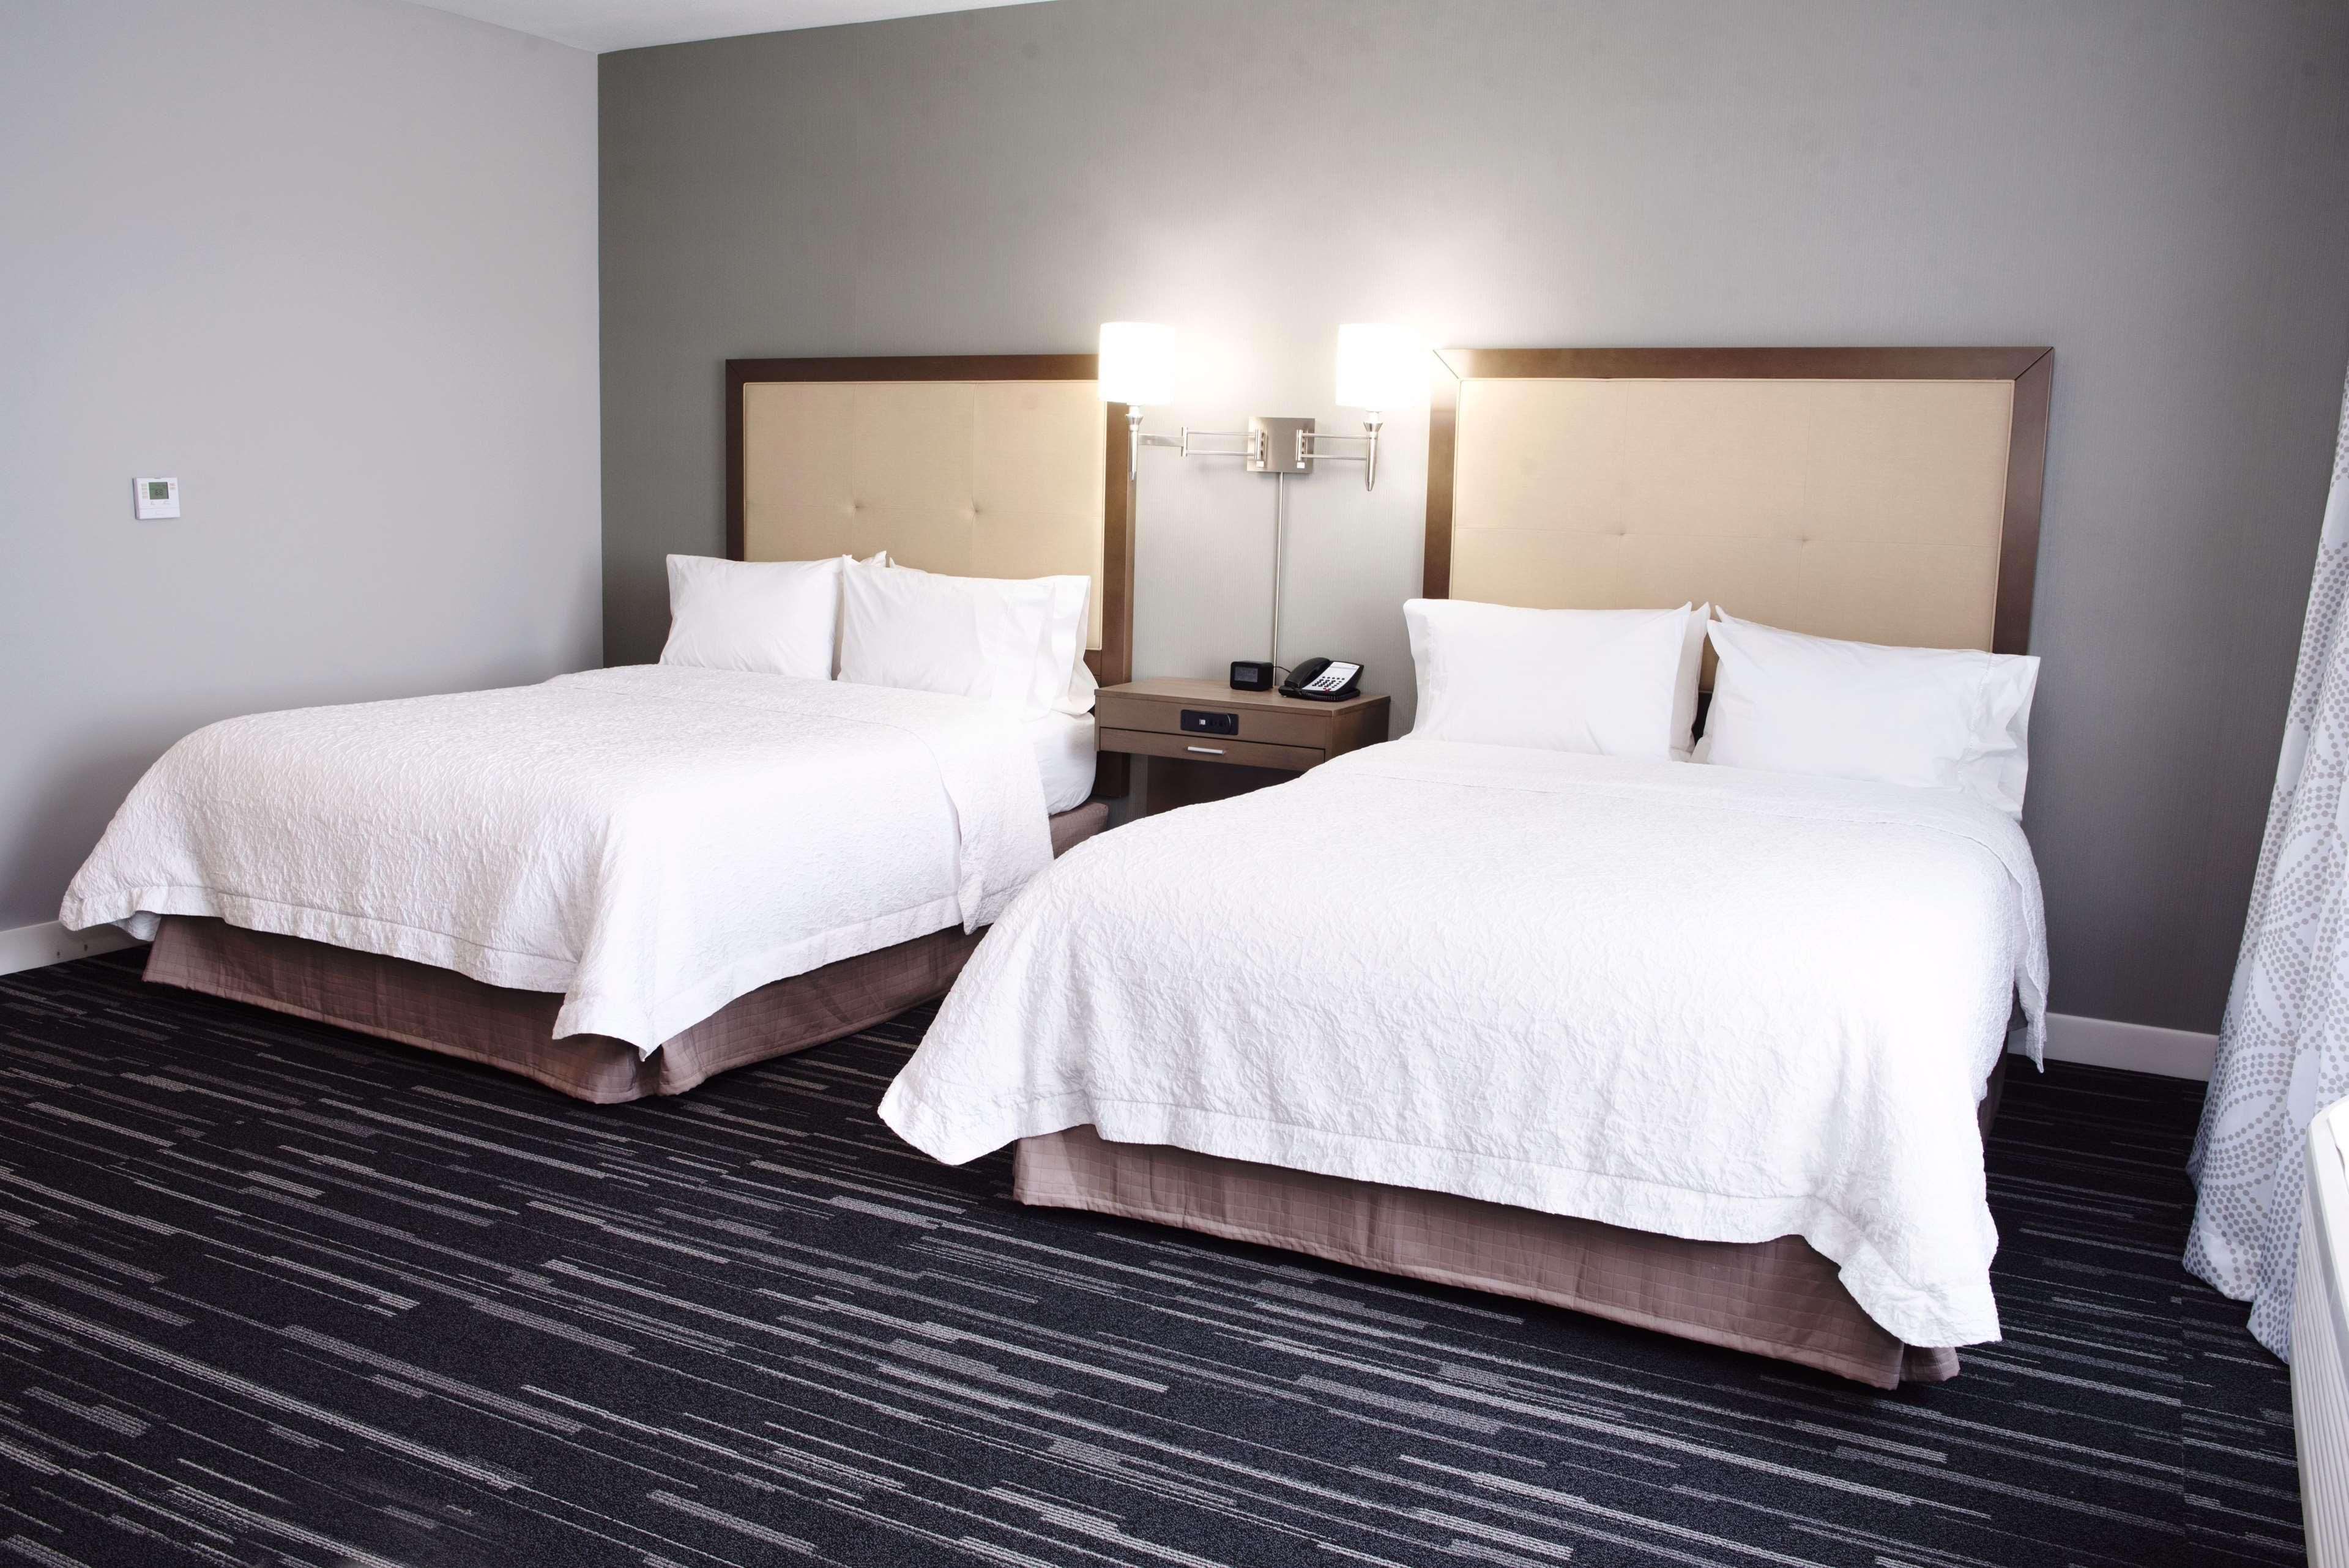 Hampton Inn & Suites Des Moines/Urbandale image 19